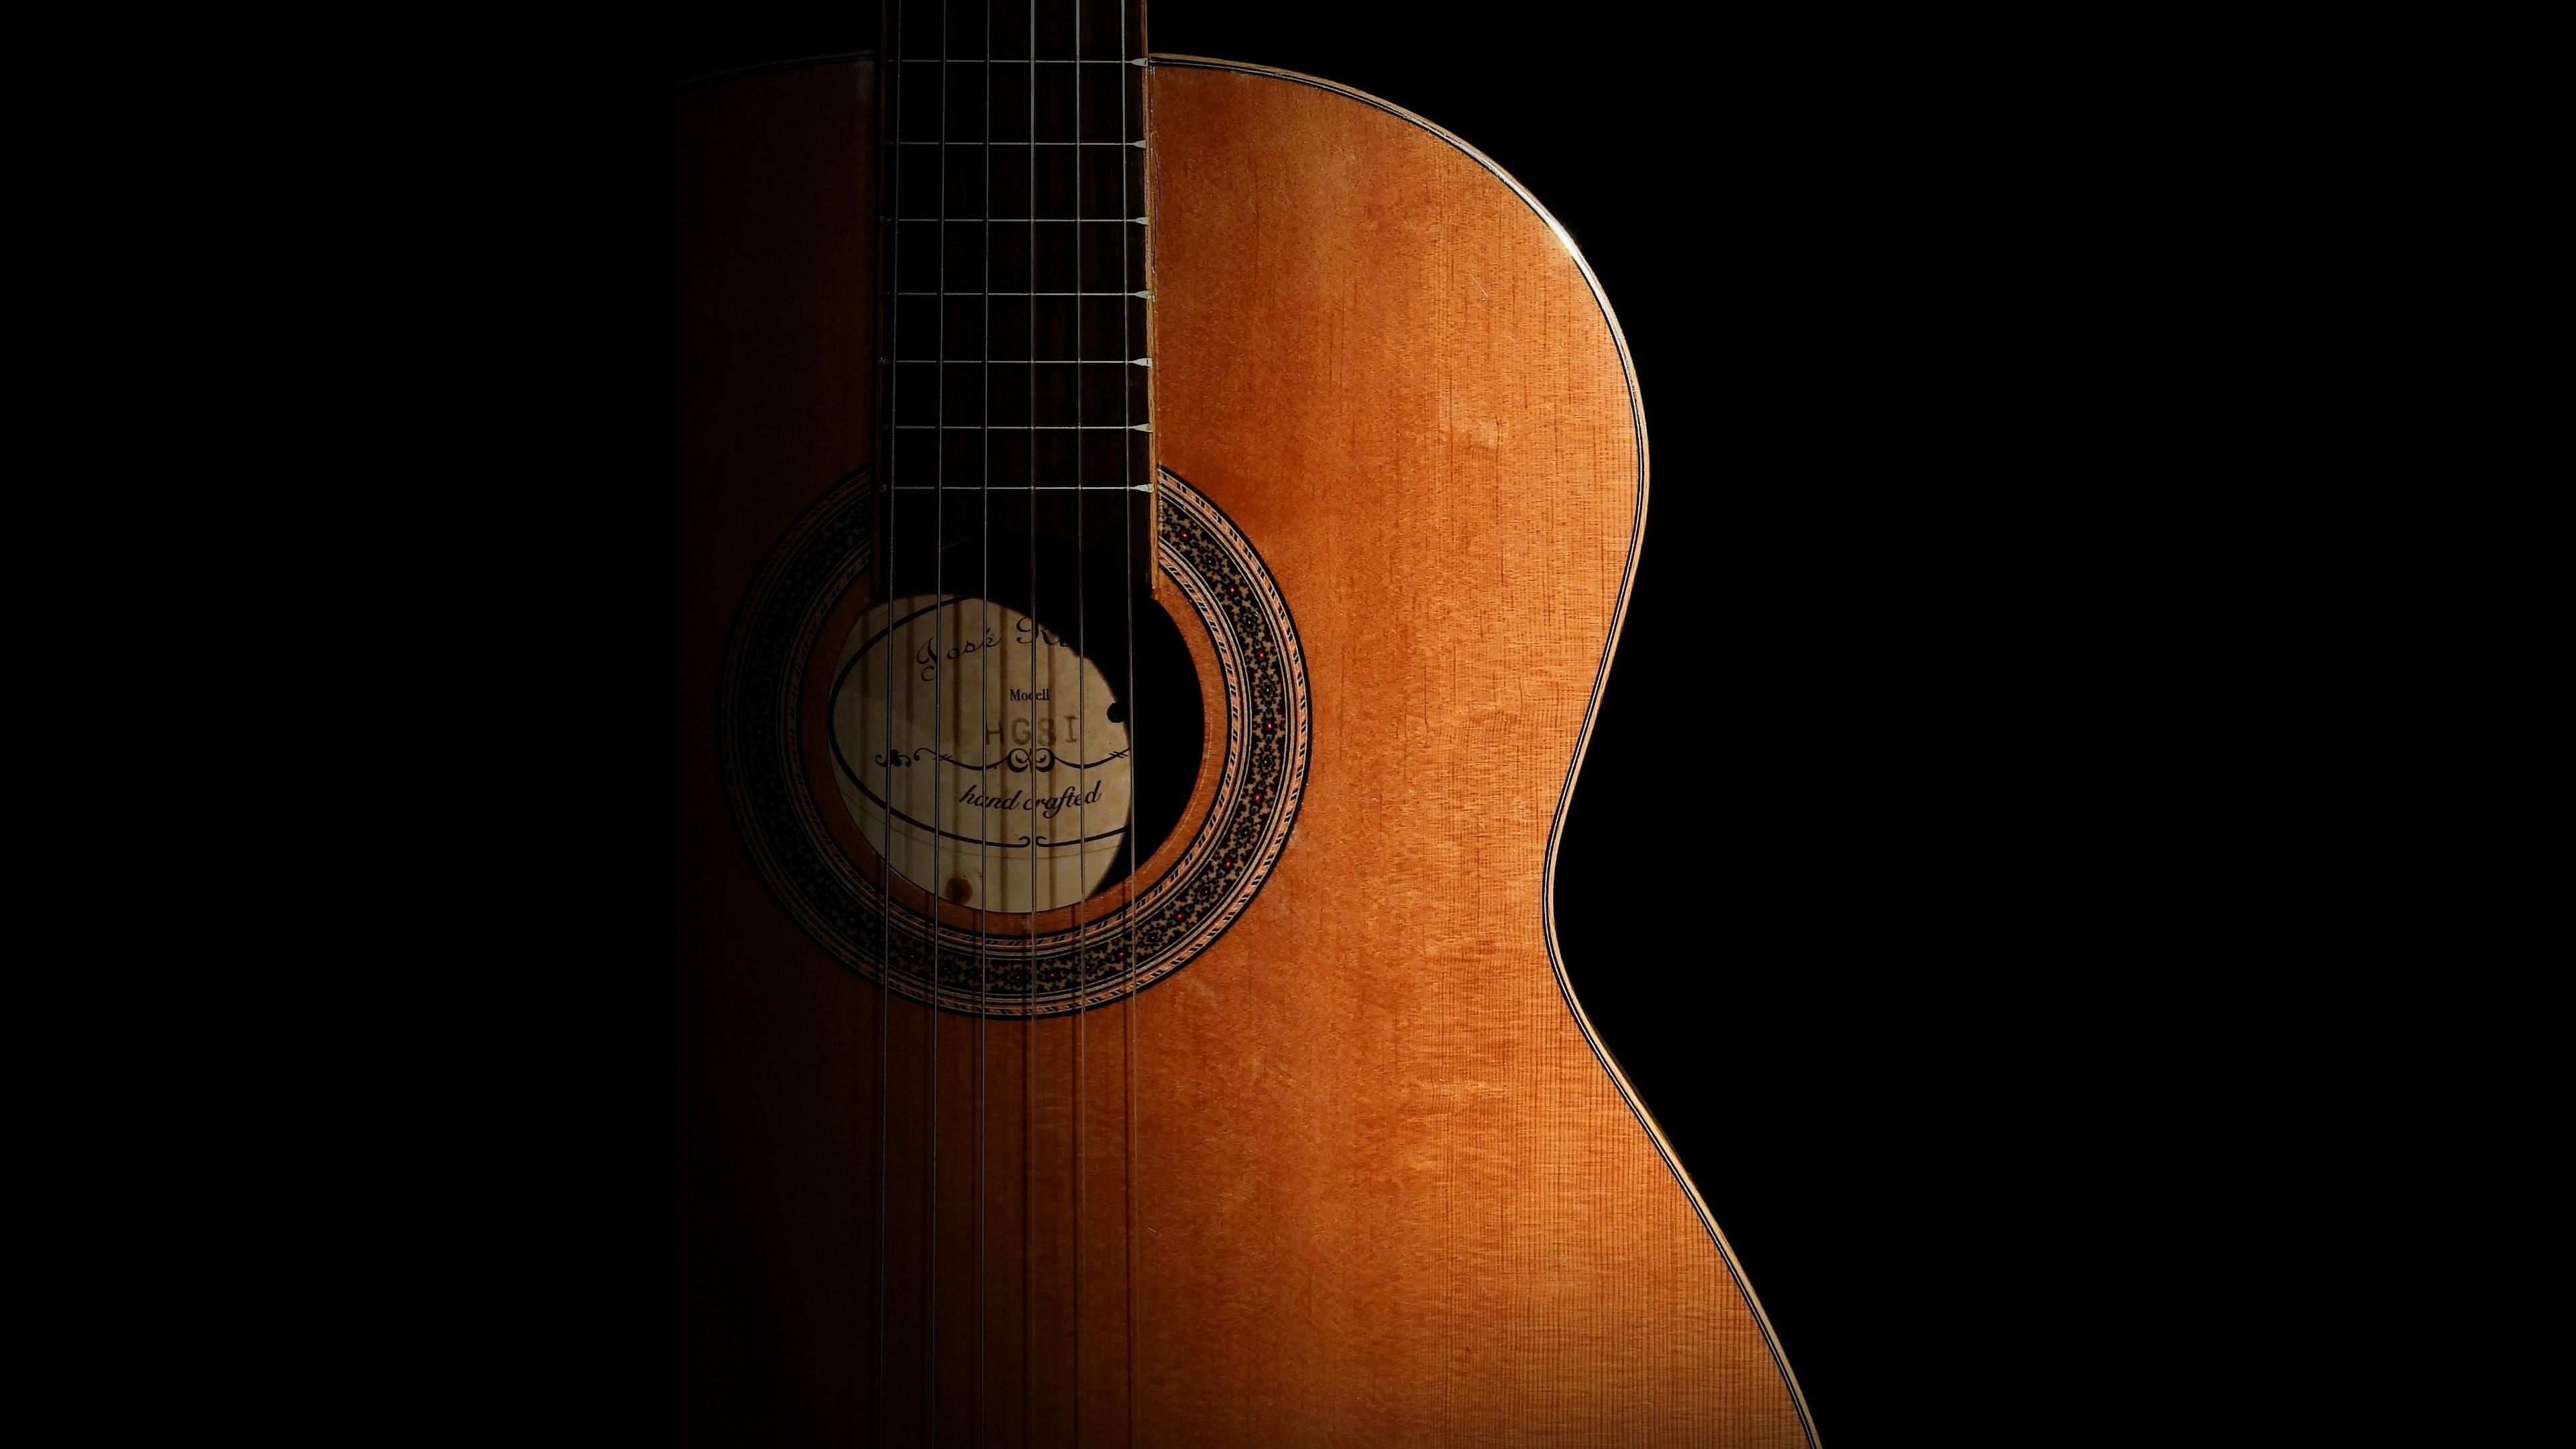 Guitar Desktop Backgrounds (61+ Images